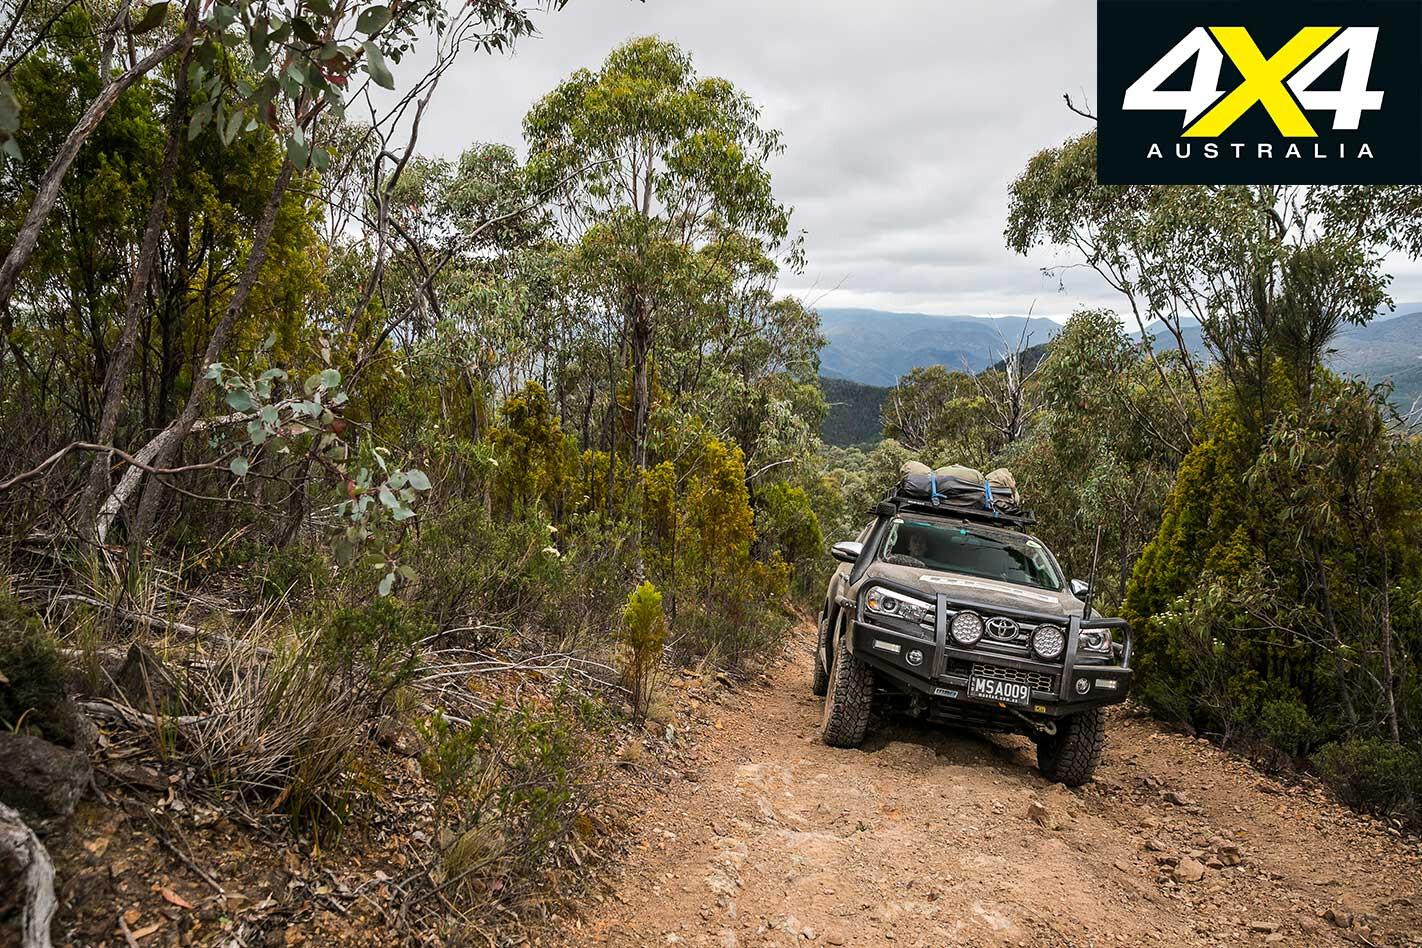 Victorian High Country 4 X 4 Adventure Series Trail Climb Jpg